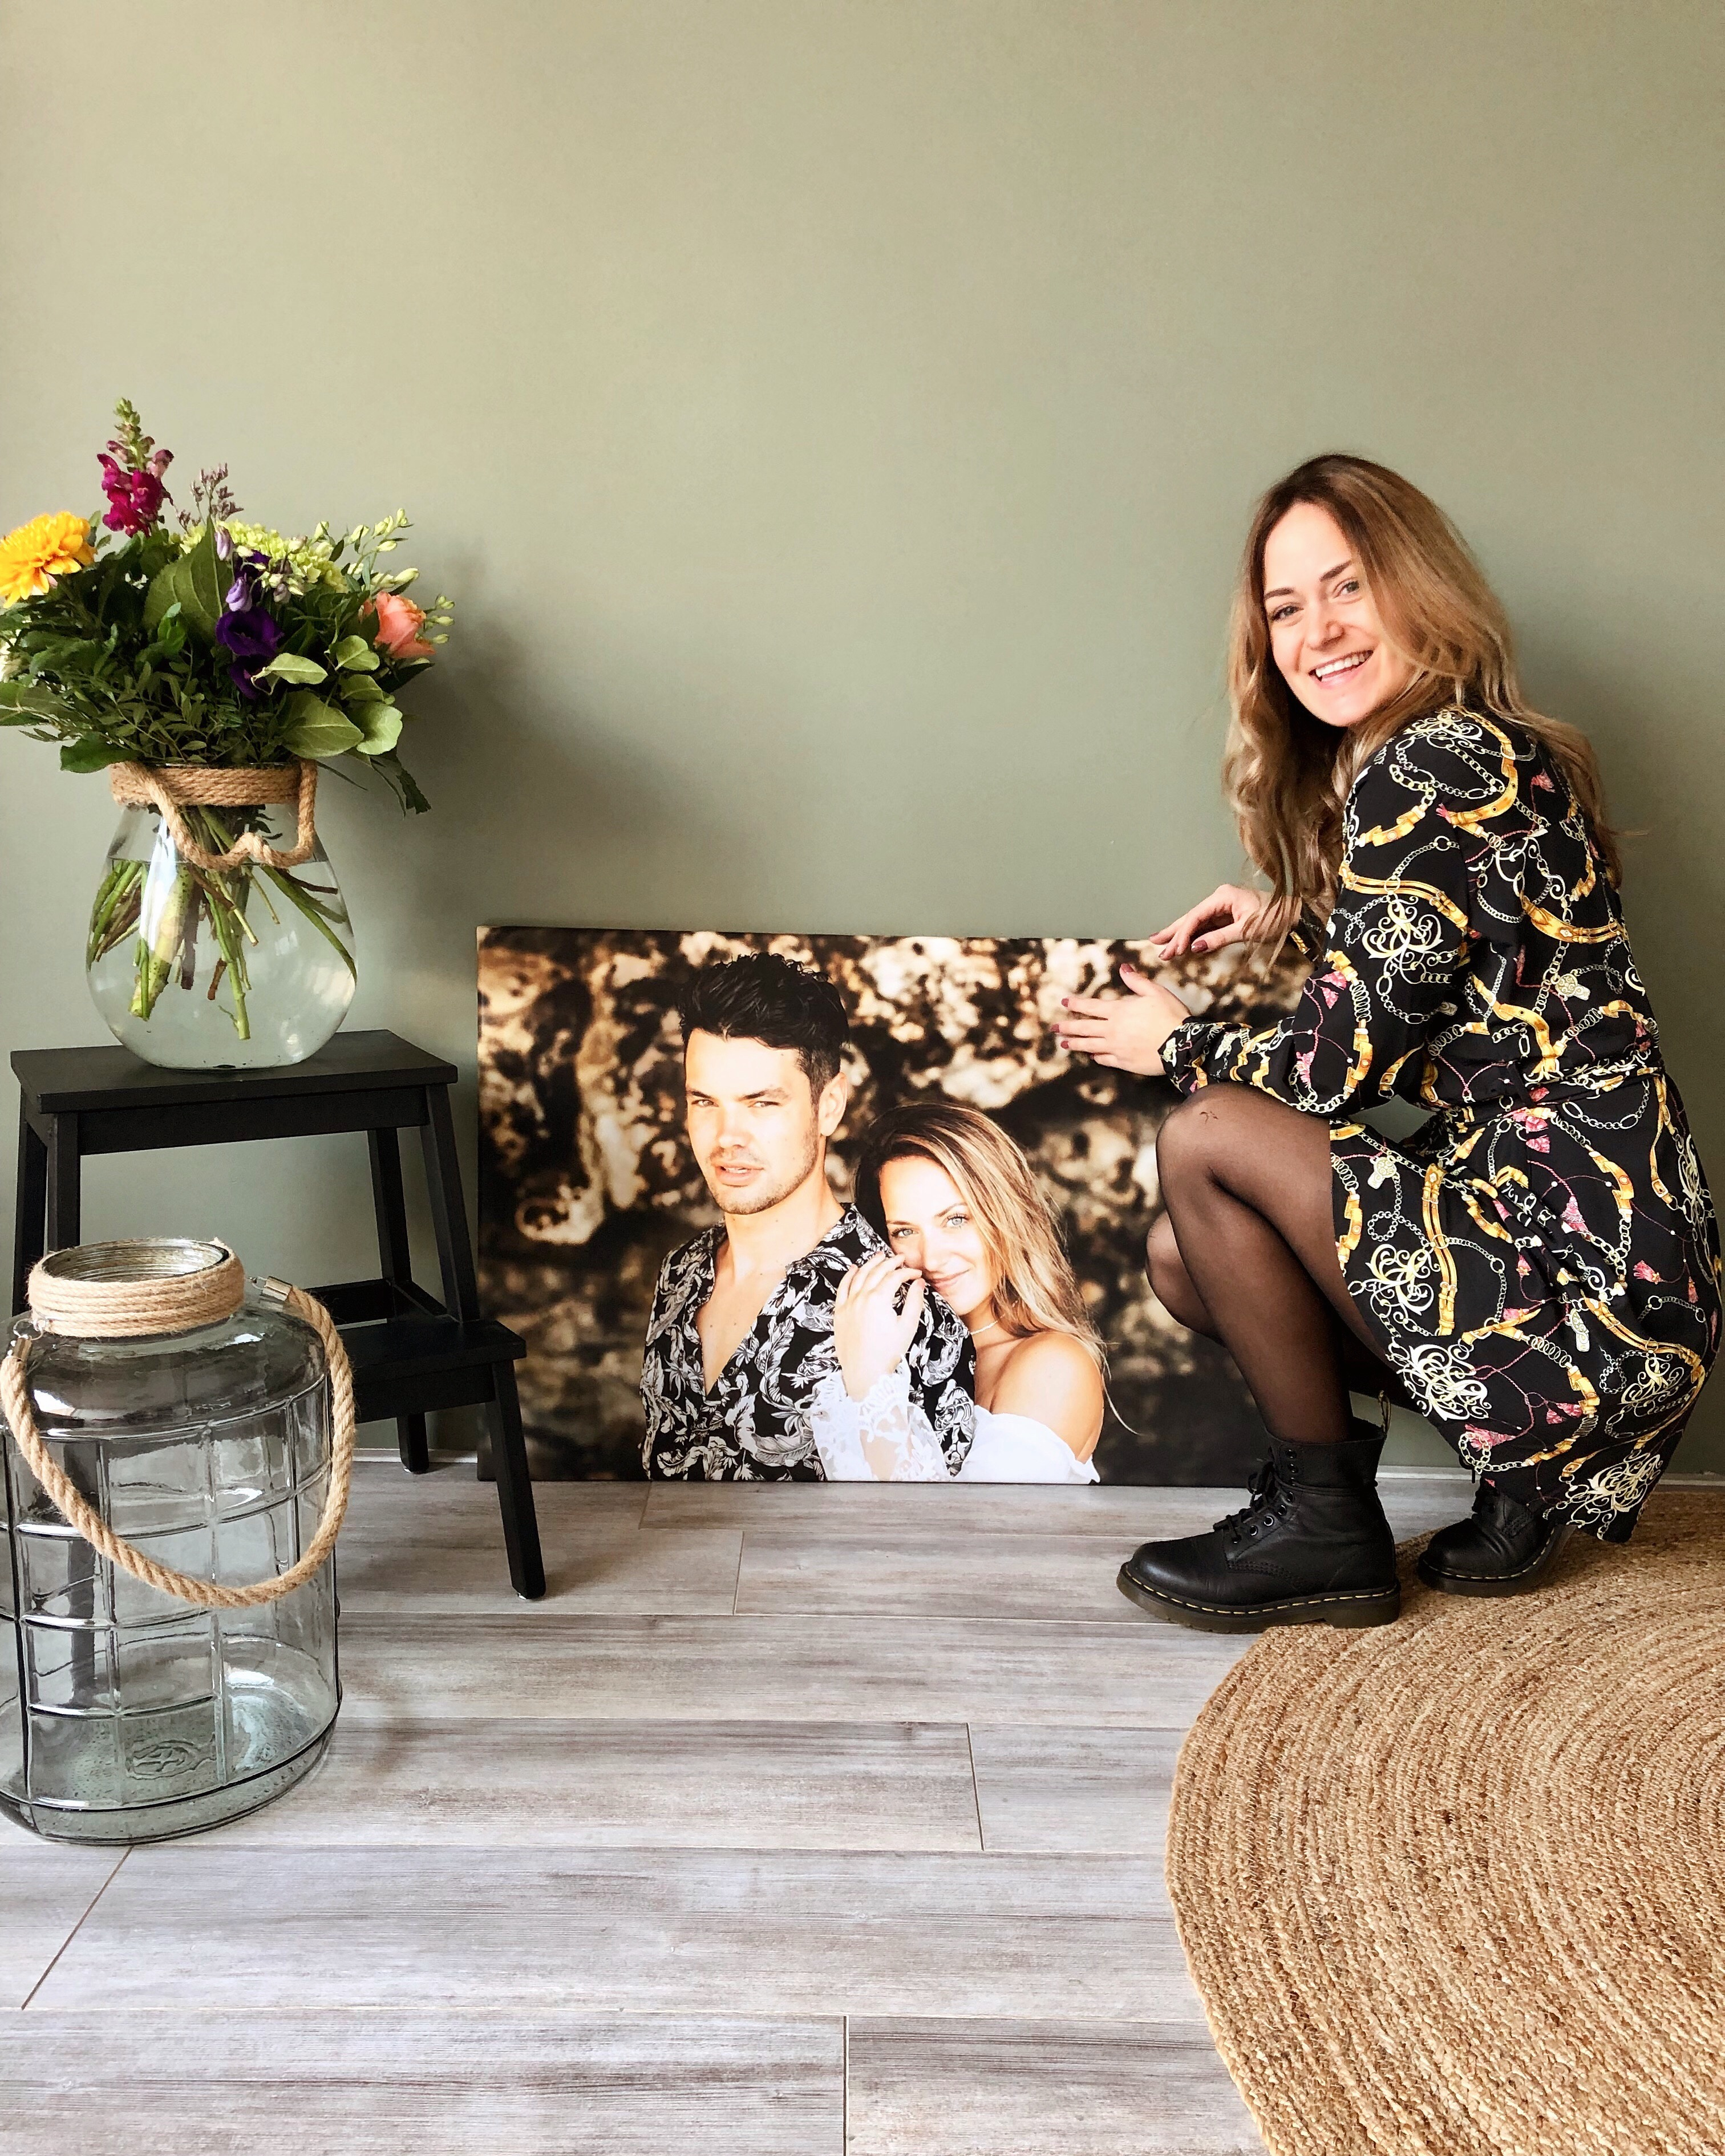 xmariekie, blog, blogger, influencer, social media, topdoek. topdoek.nl, poster, canvas, goedkope poster, goedkoop, bedrukken, interior, interieur